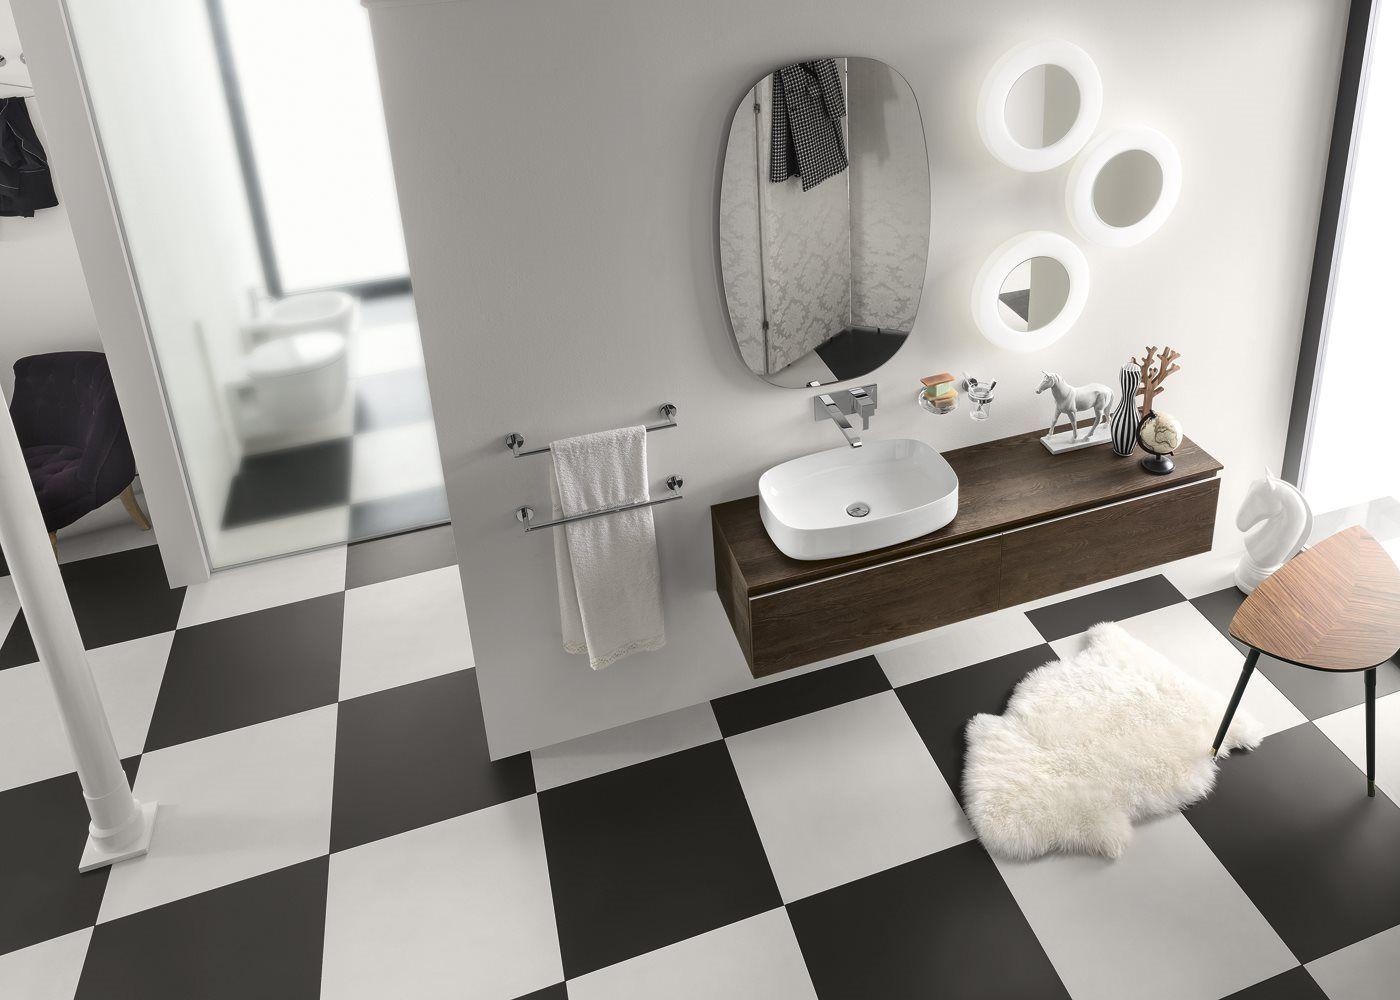 Perfetto Arredamento Bagno Specchi Bagno Arredamento